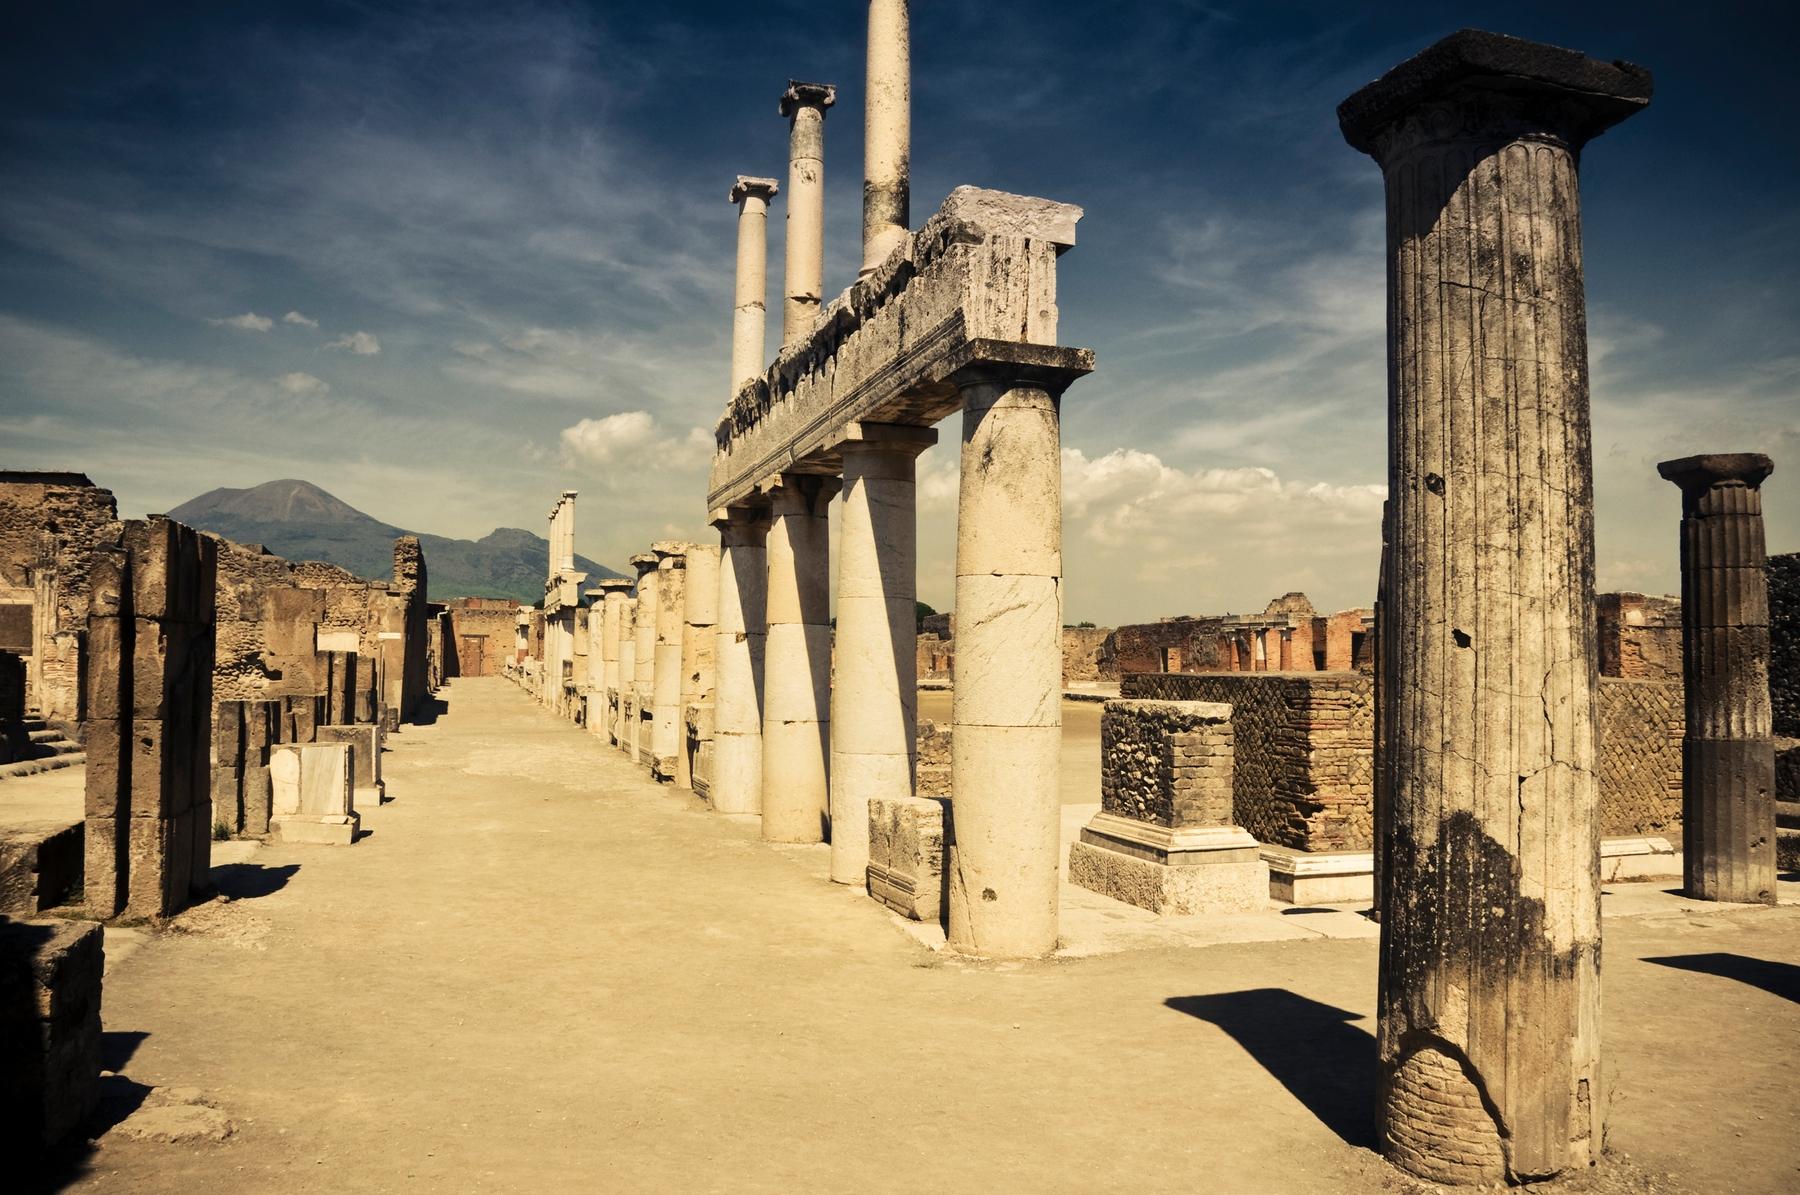 Археологический комплекс на месте древнеримского города Помпеи в Италии